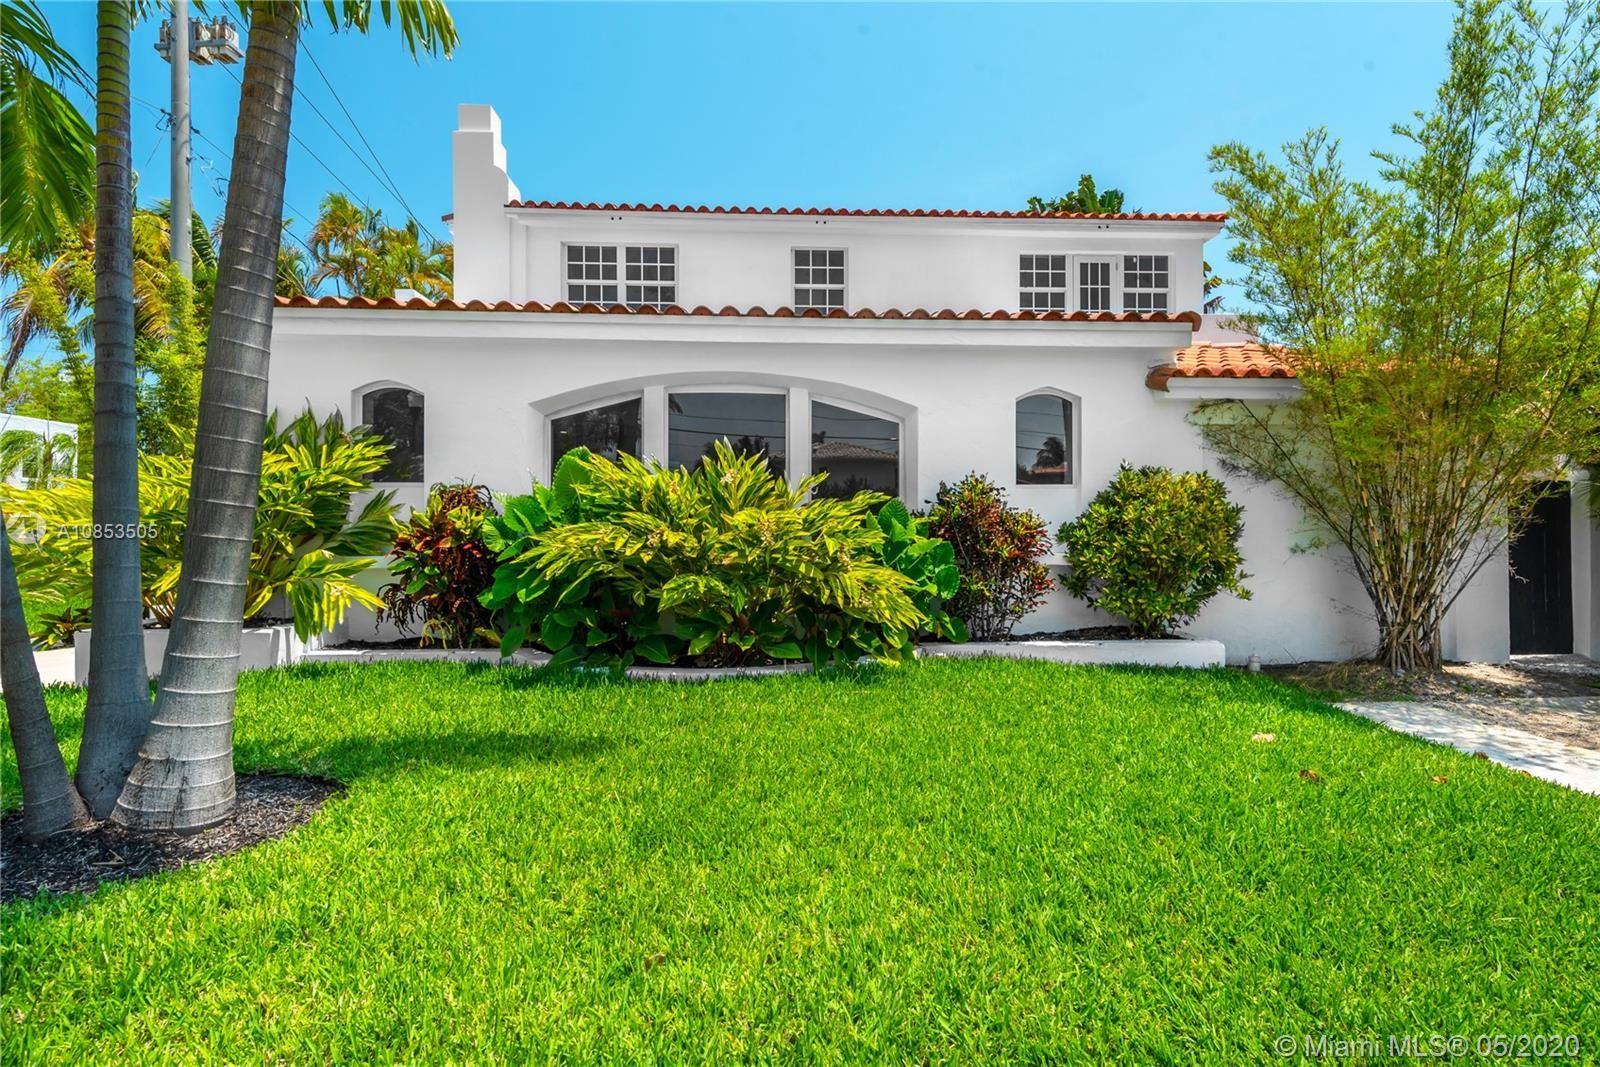 4491 Prairie Ave, Miami Beach, FL 33140 - #: A10853505